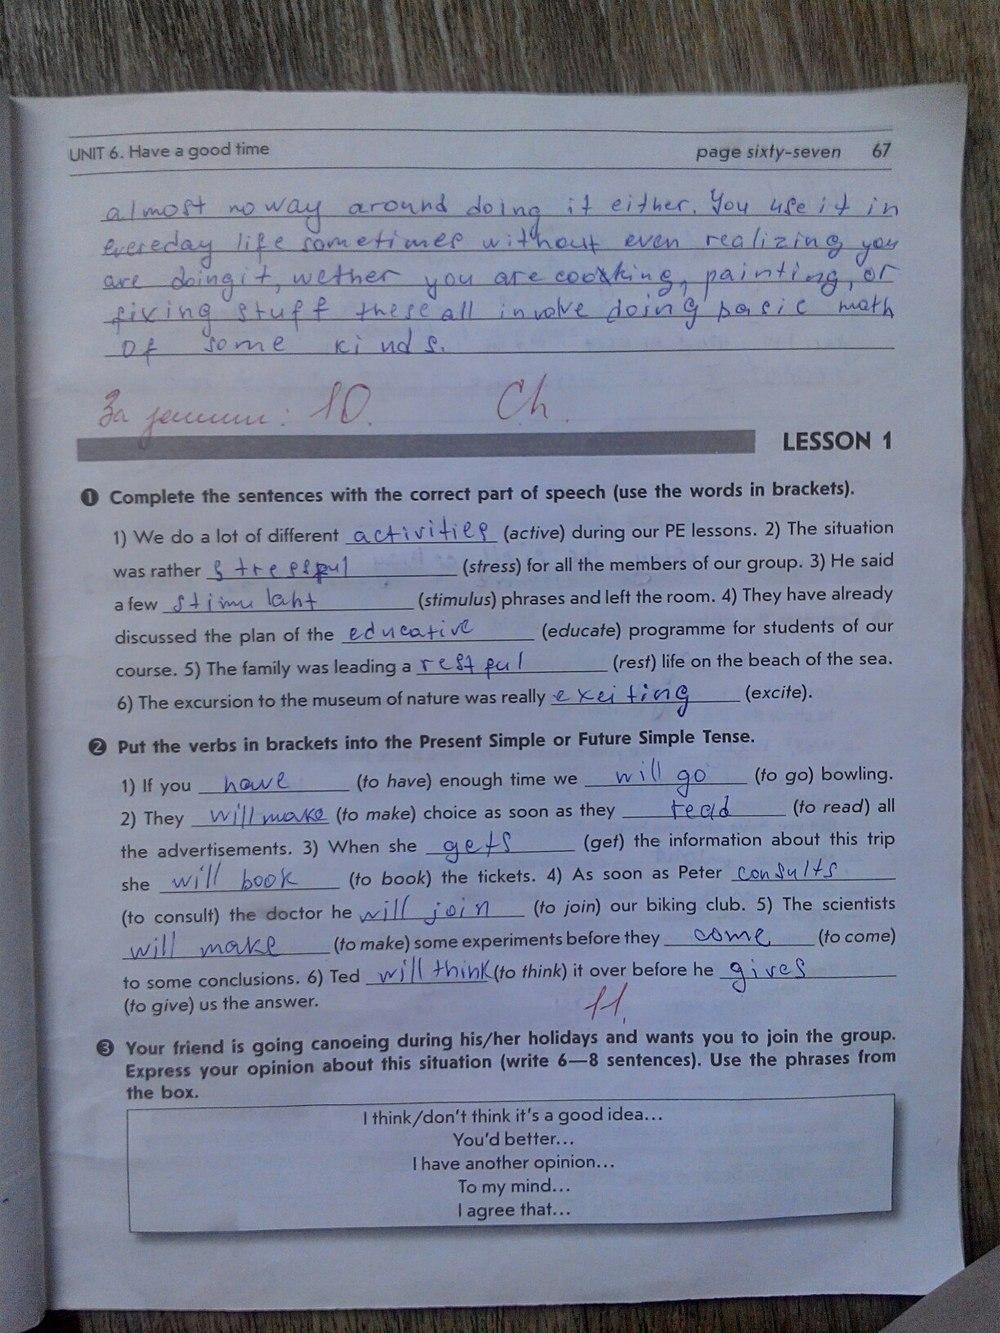 ГДЗ відповіді робочий зошит по английскому языку 8 класс О.М. Павліченко. Задание: стр. 67